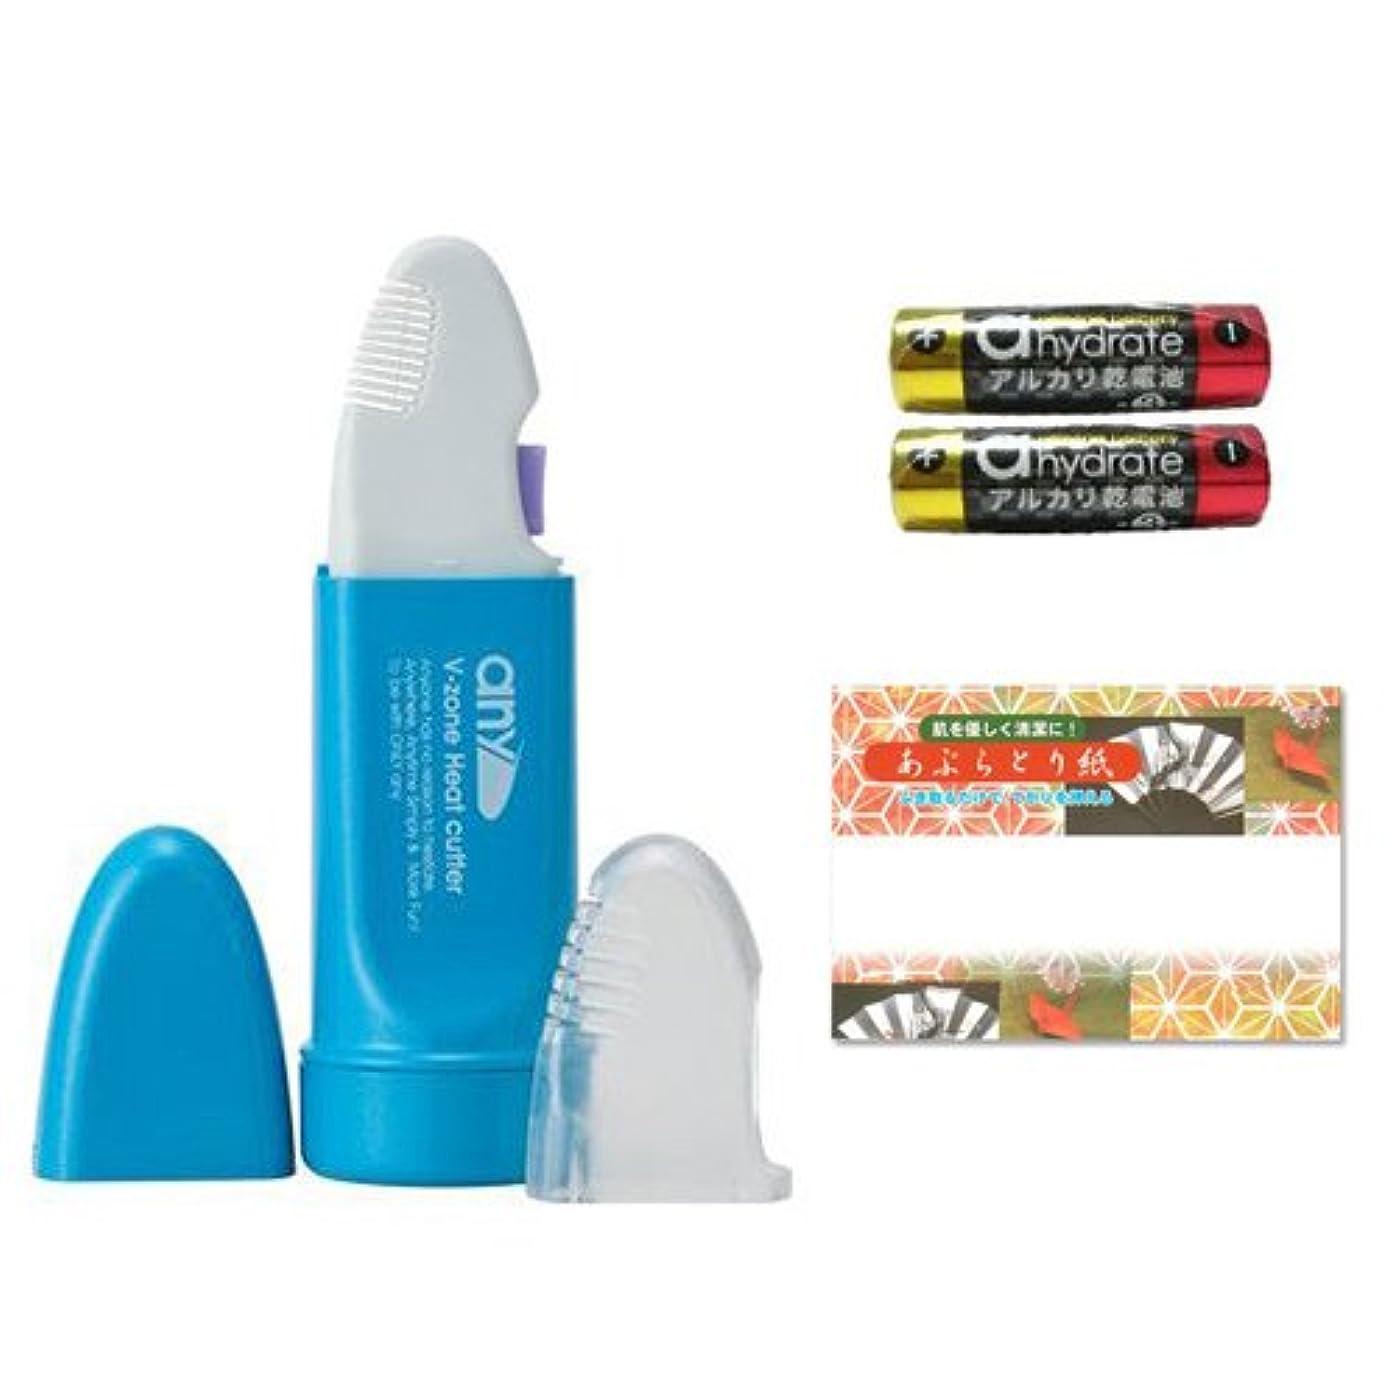 バトル安息戦闘V-Zone Heat Cutter any(エニィ) Stylish マリンブルー + 単3アルカリ電池2本付きセット + あぶらとり紙 付き